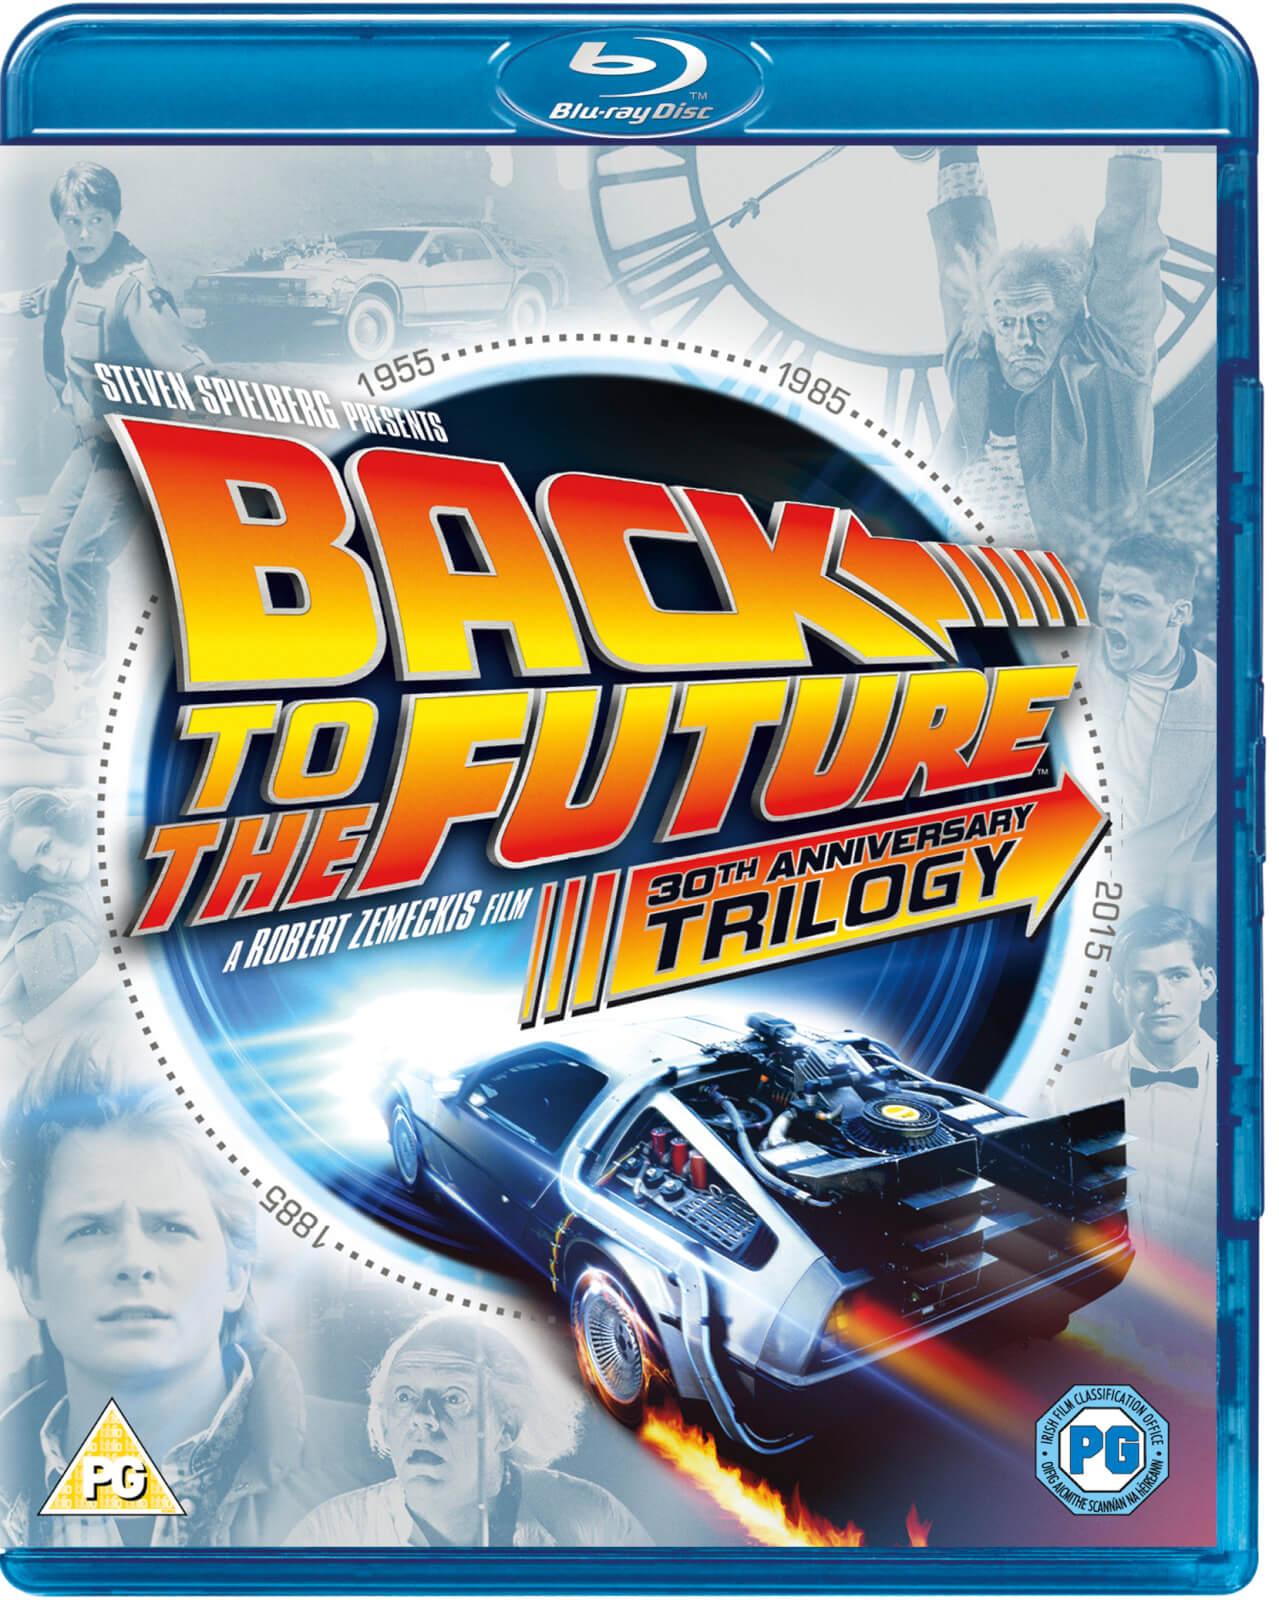 Zurück in die Zukunft Trilogie - 30th Anniversary Edition (Blu-ray) für 10,10€